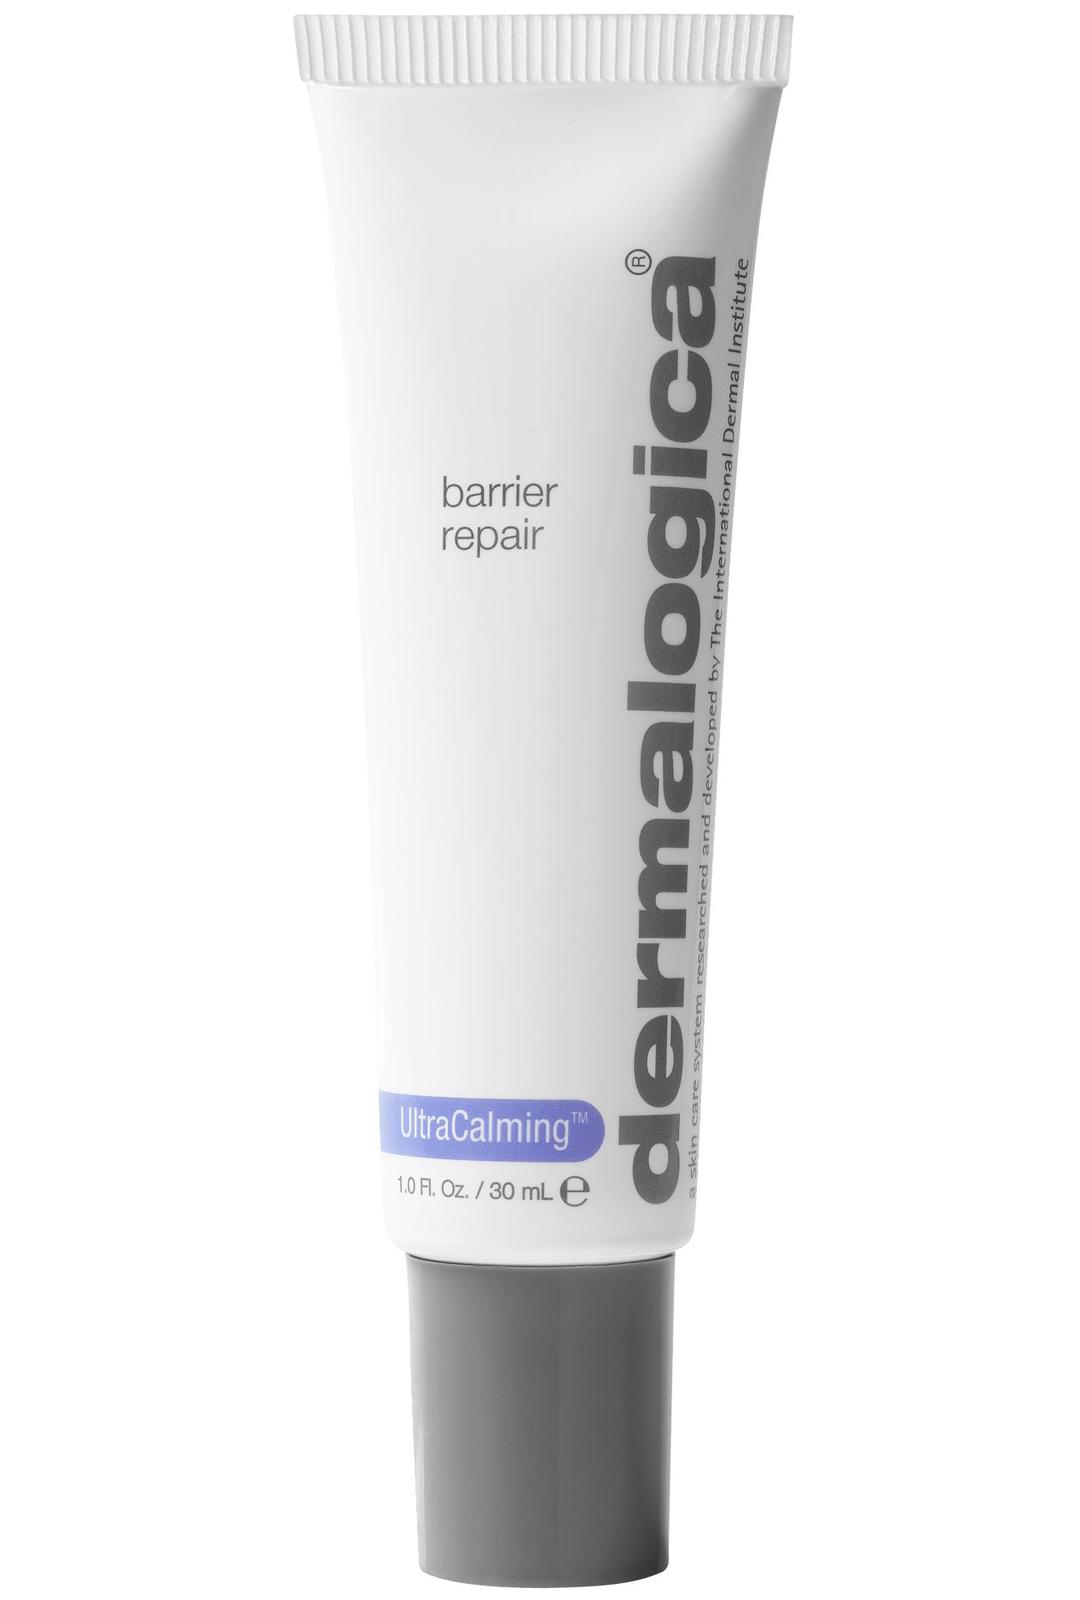 Vedetön kosteusvoide on turvallinen valinta viimaan. Dermalogica UltraCalming Barrier Repair, 46,90 €/30 ml.